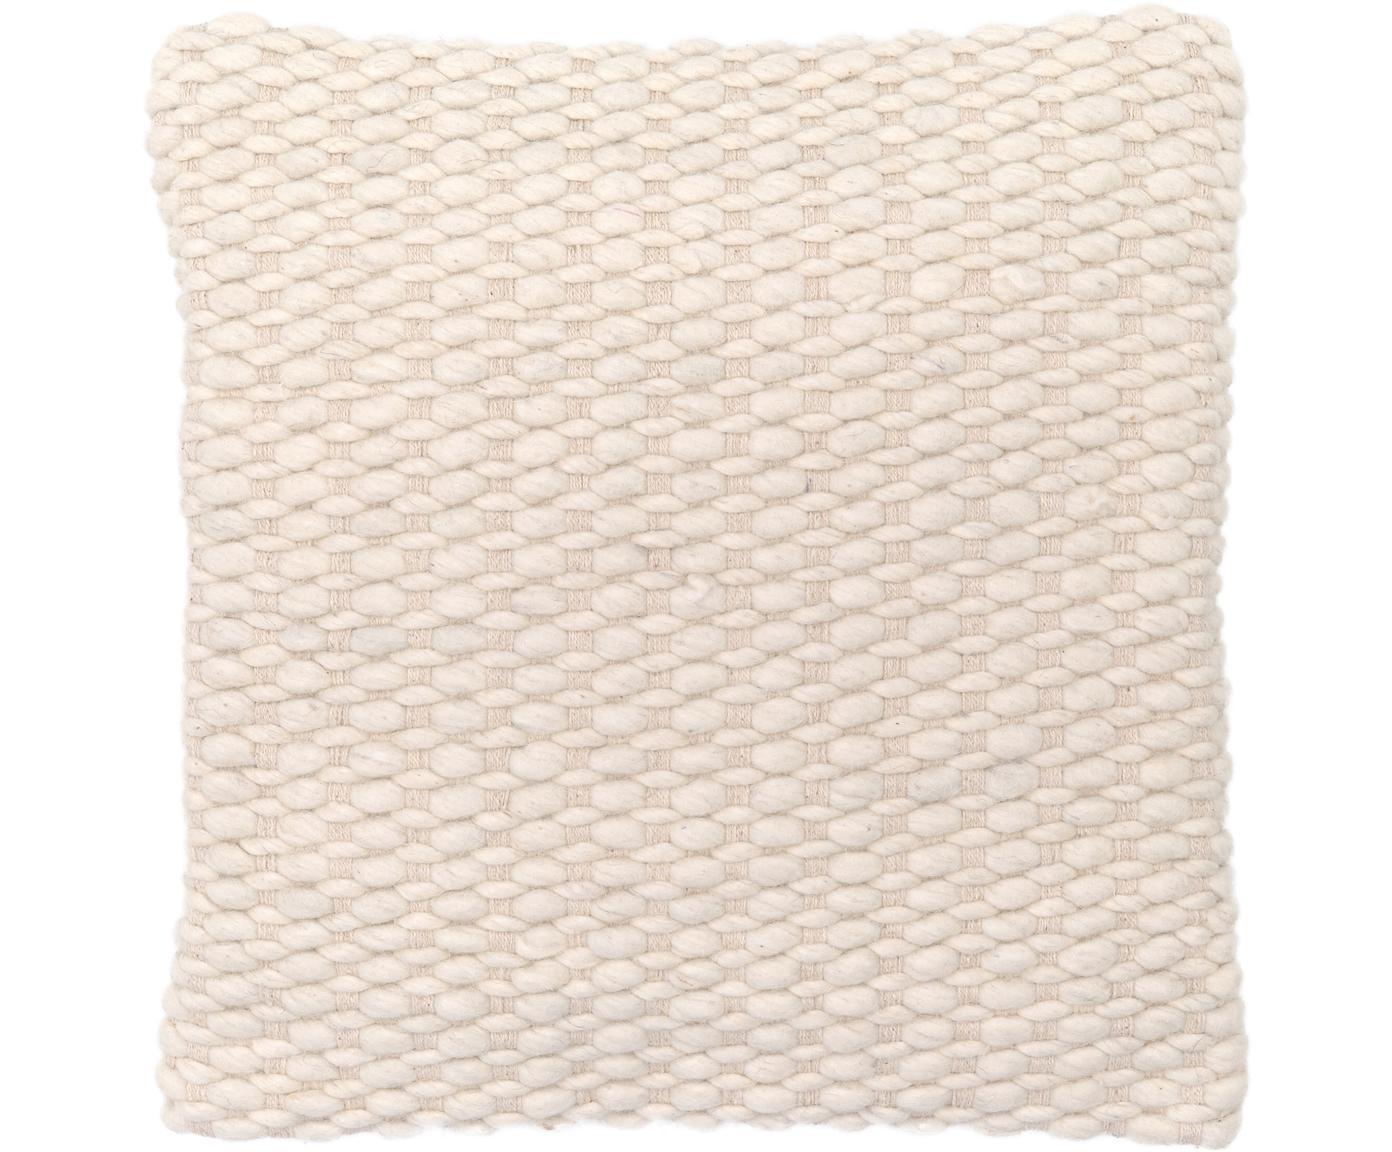 Kissenhülle Patricia aus Woll-Mix mit strukturierter Oberfläche, 50% Wolle, 50% Baumwolle, Cremeweiß, 45 x 45 cm